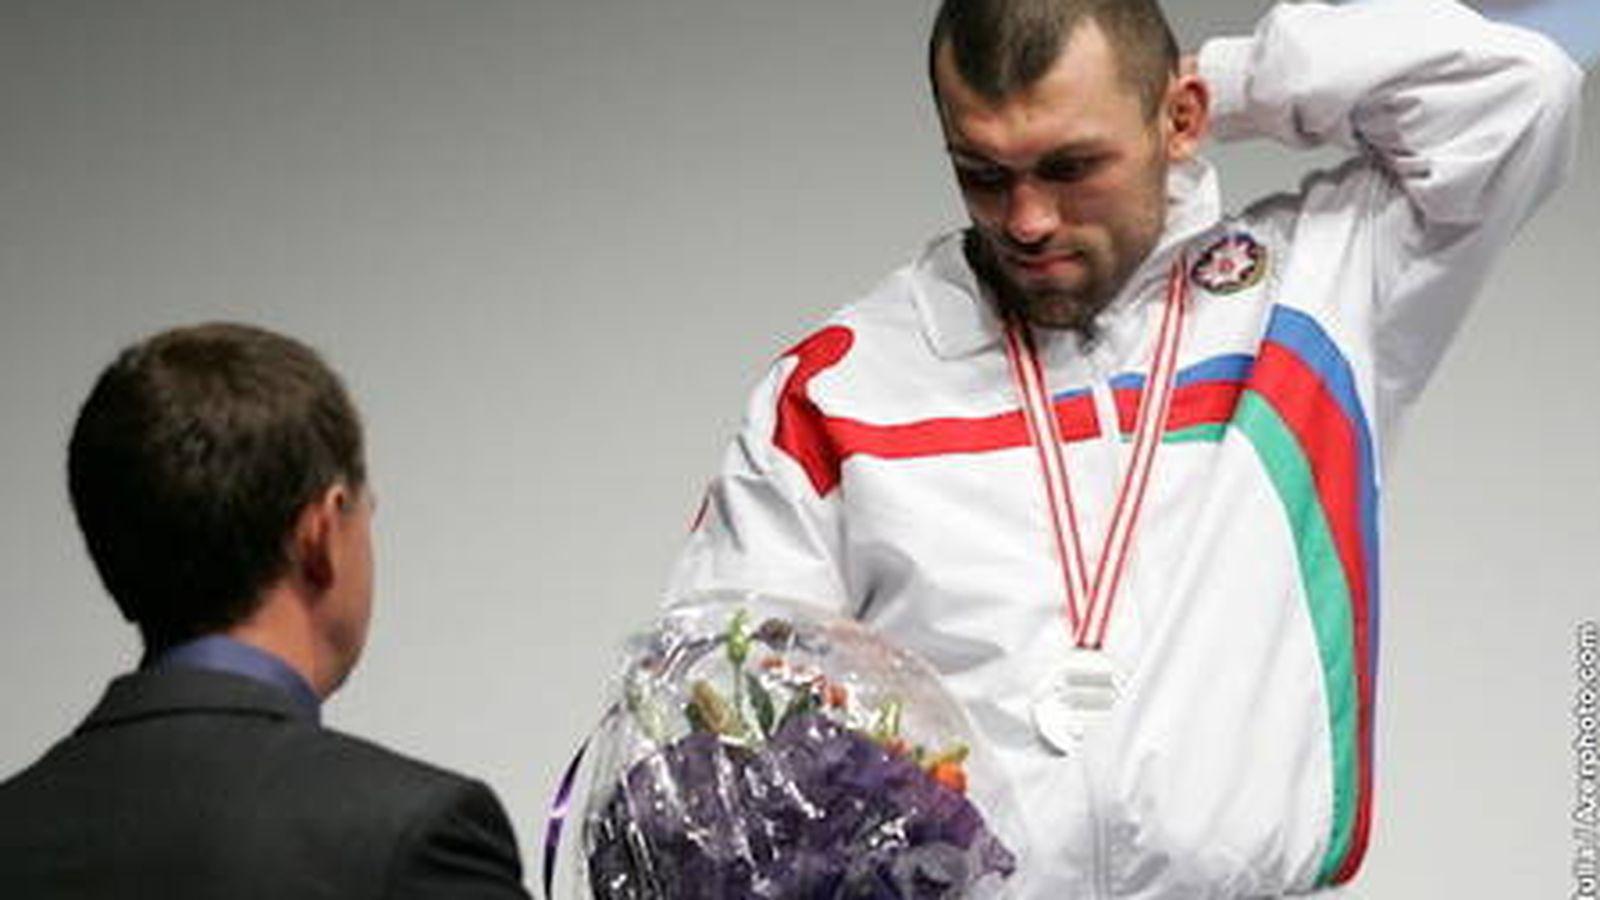 Foto: El deportista recibiendo la plata de los mundiales